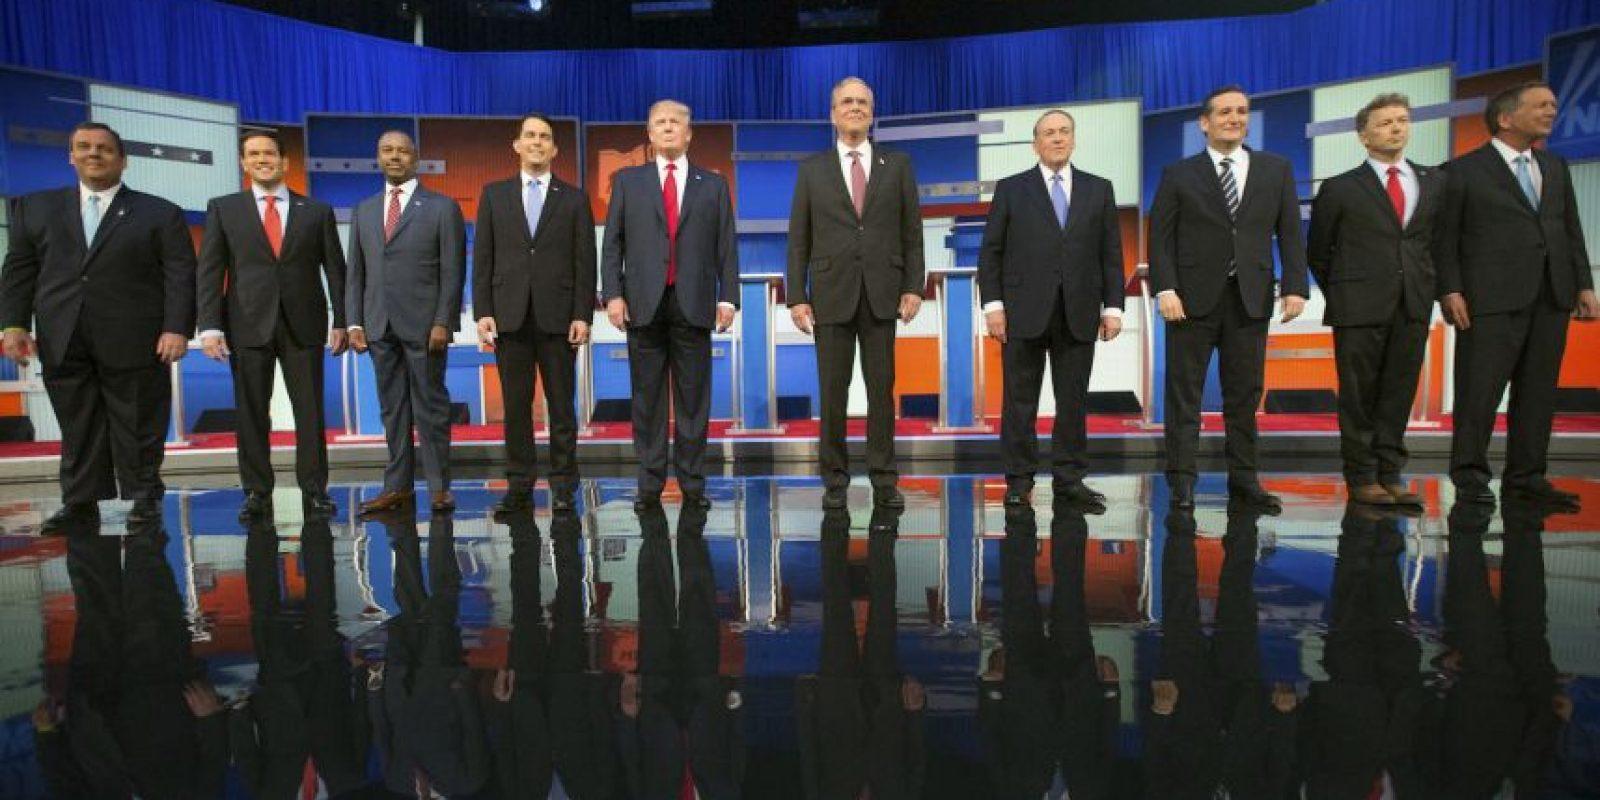 """6. Durante días la cadena CNN ha promocionado el debate con las imágenes de Trump y Bush, además de utilizar el eslogan: """"Esta vez no va a ser suave"""". Foto:AP"""